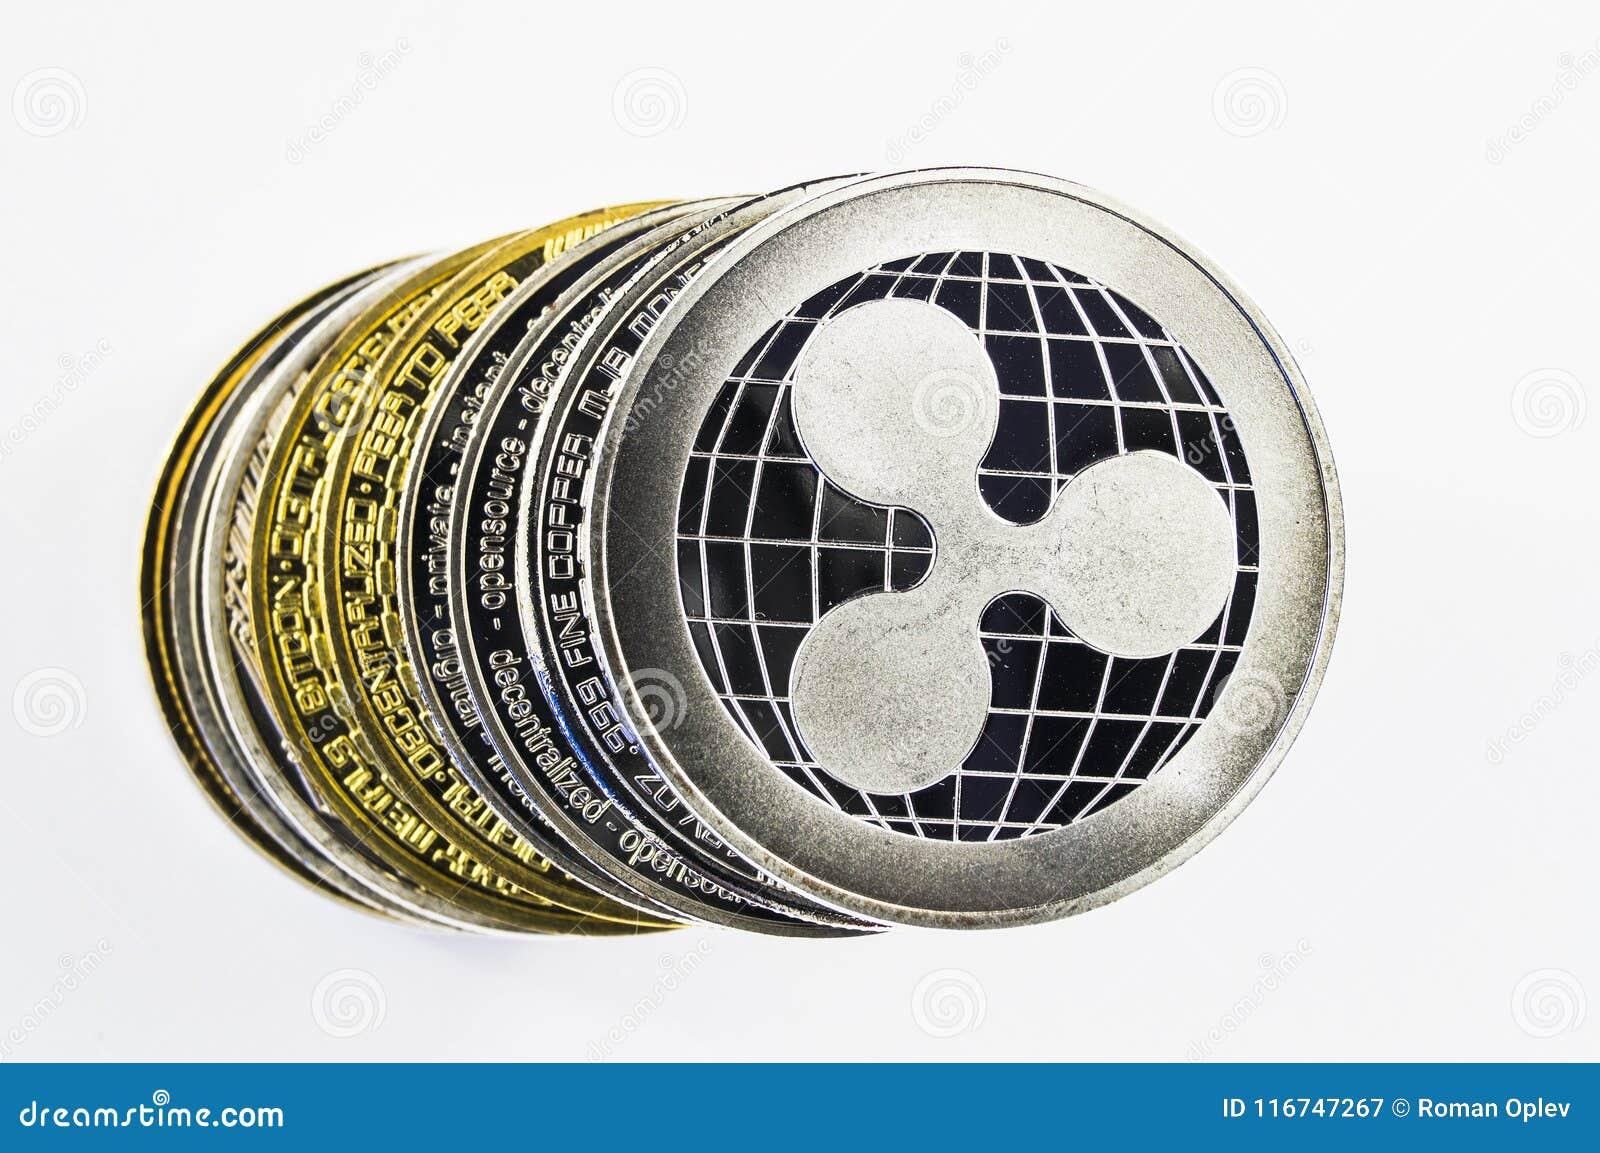 Ο κυματισμός είναι ένας σύγχρονος τρόπος της ανταλλαγής και αυτού του crypto νομίσματος